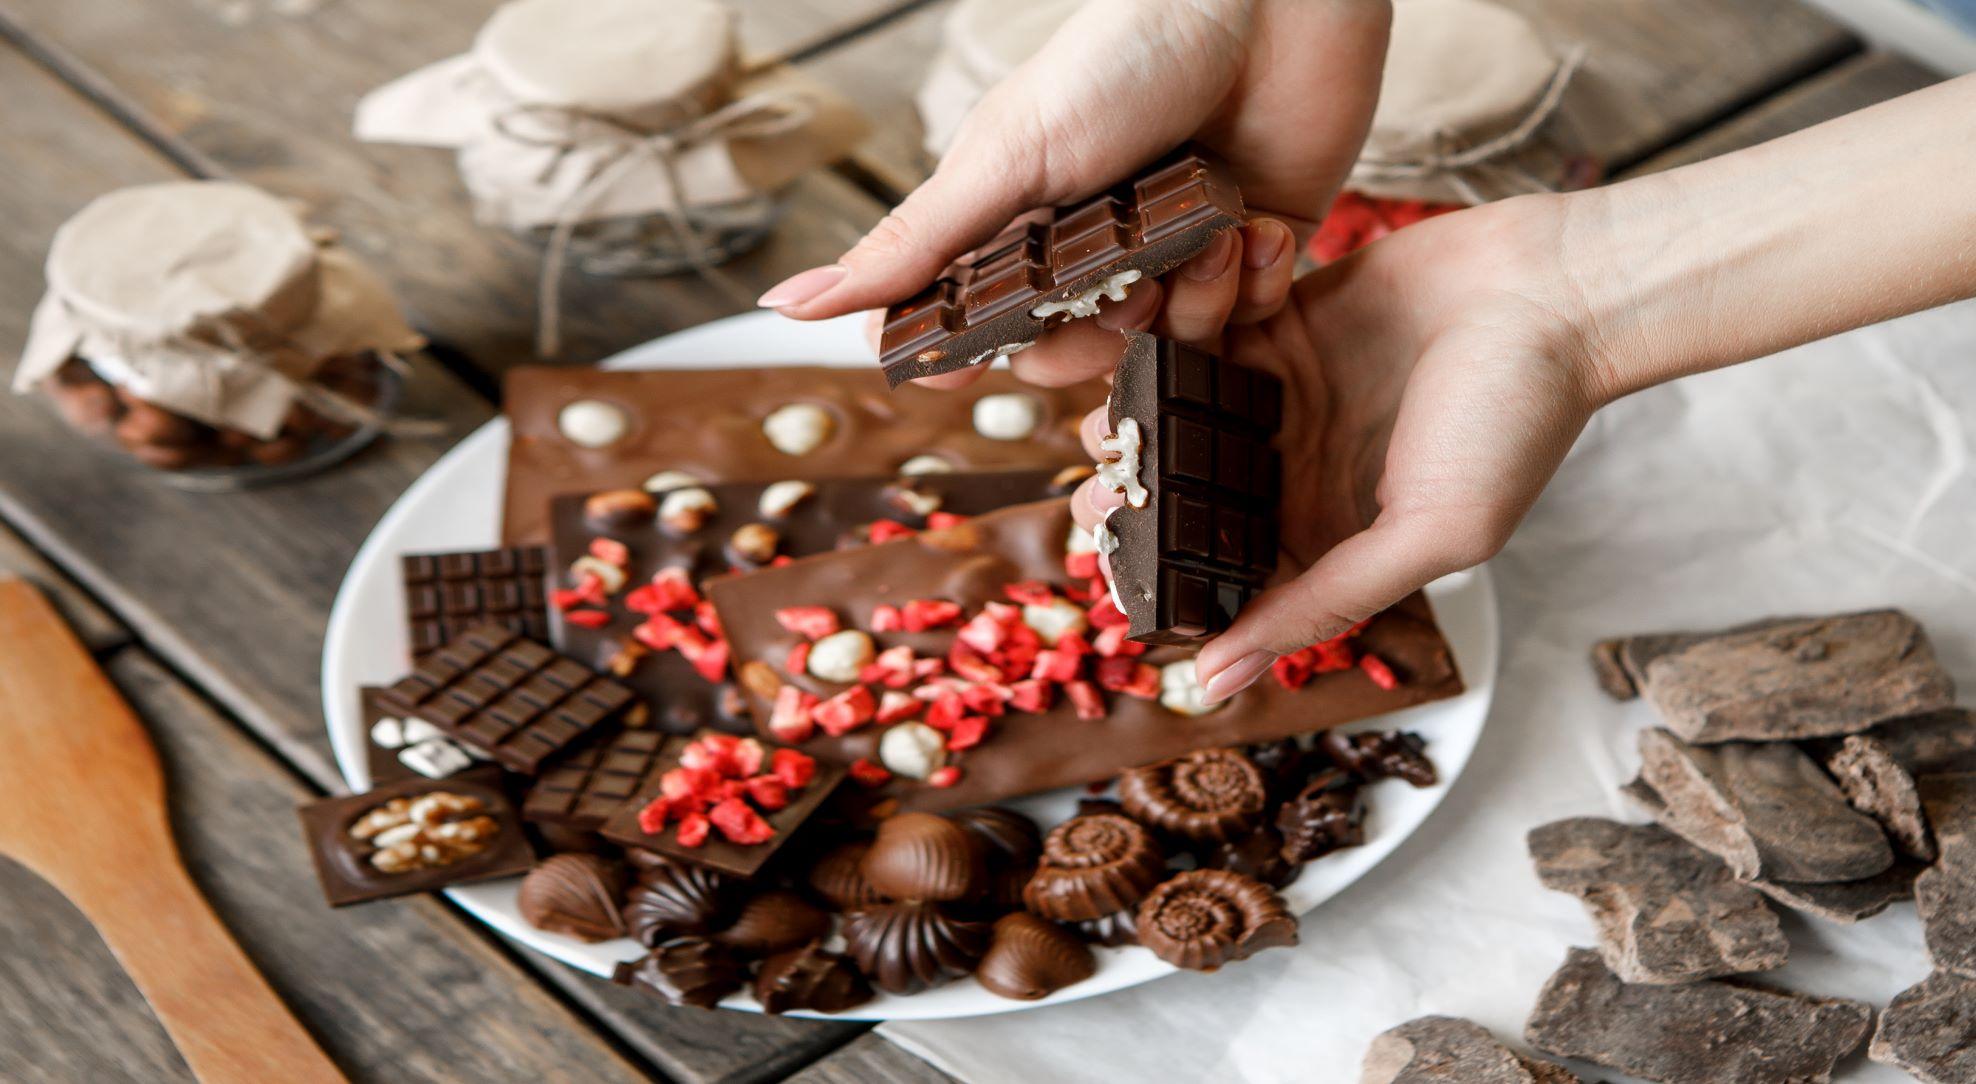 Полезная замена вредным сладостям